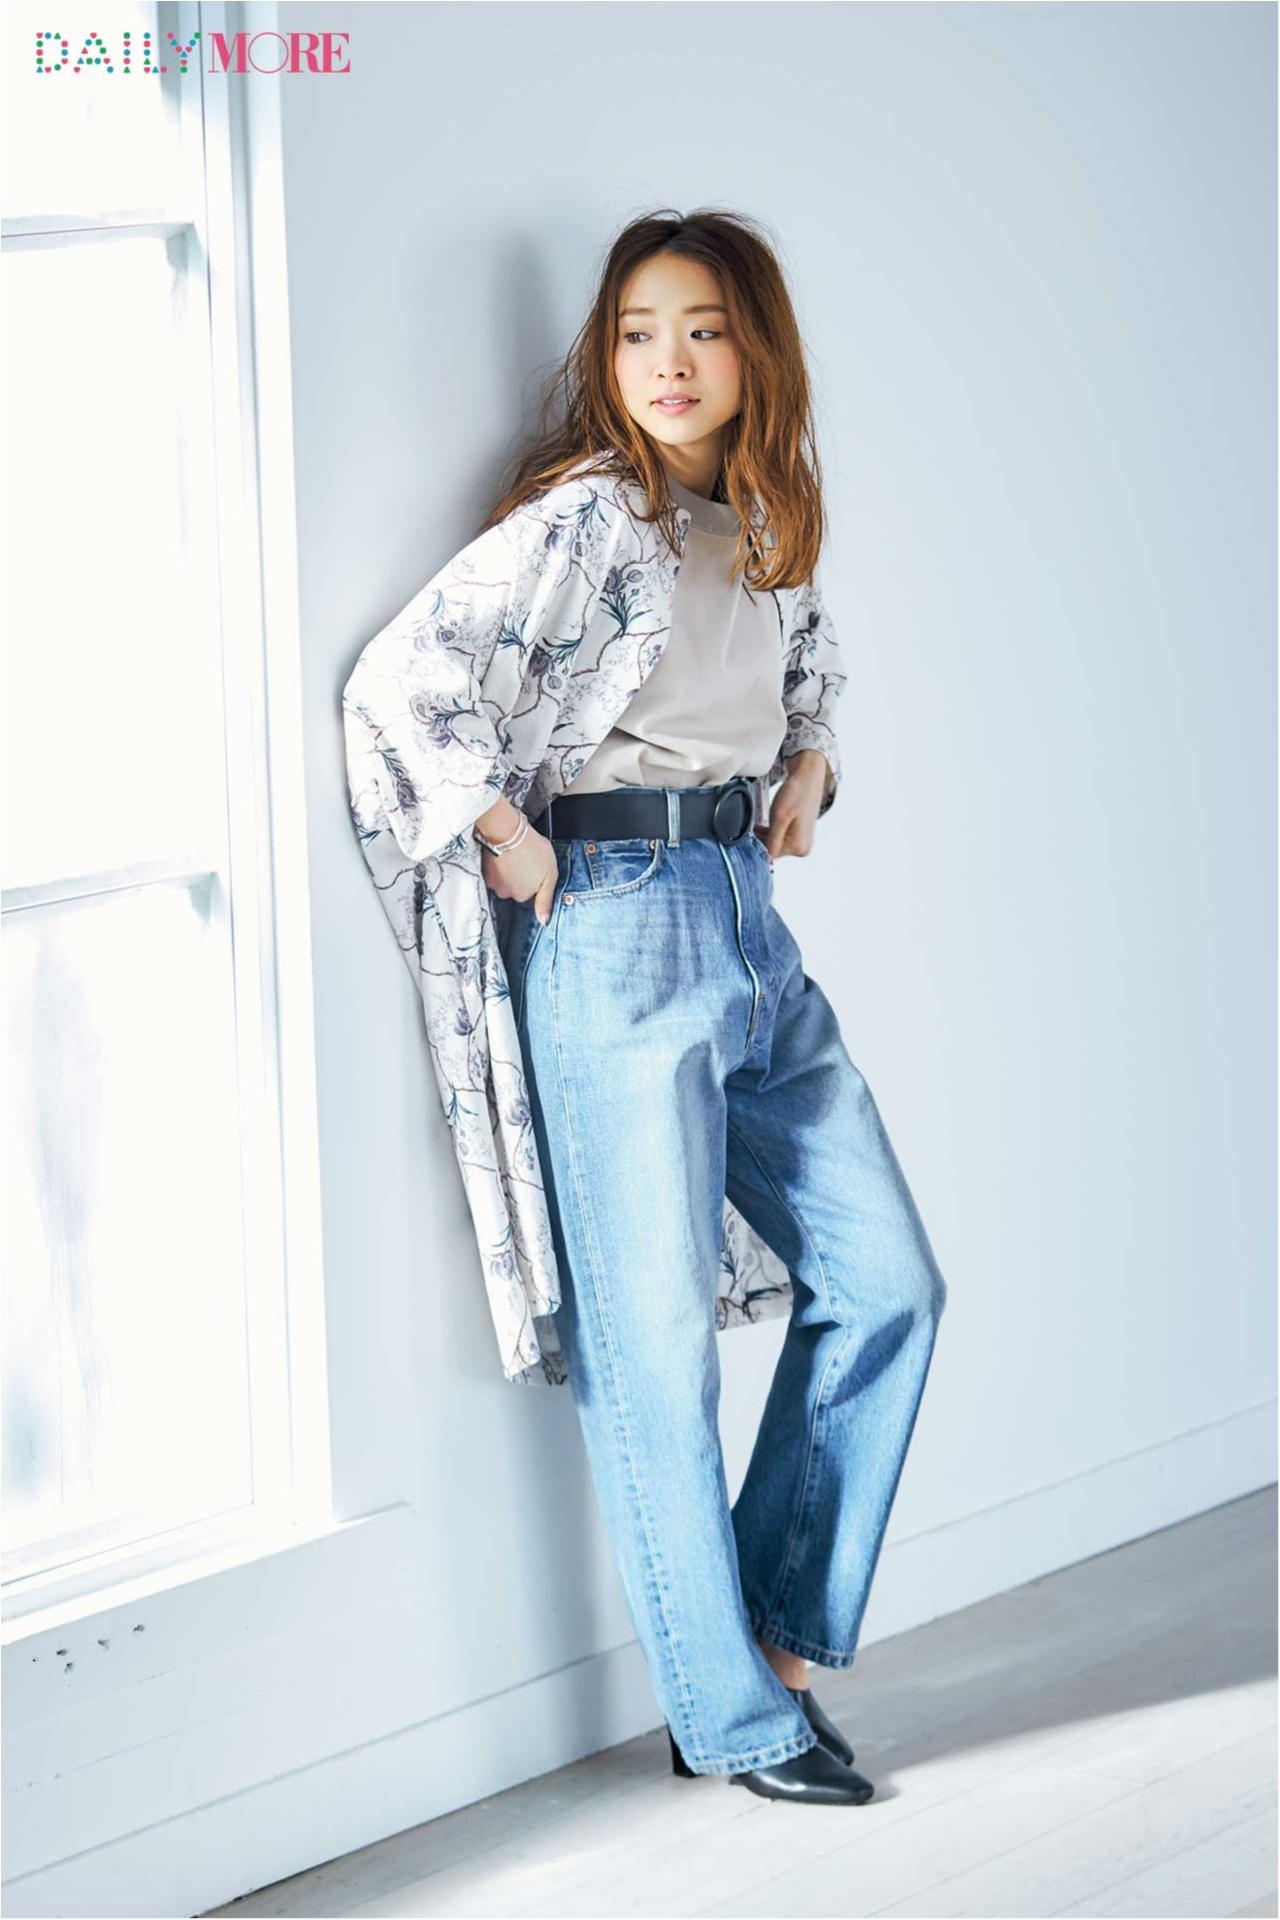 ファッションディレクター/スタイリスト野尻美穂さんが発表。今したいコーデに必要な旬ベルト3選!_1